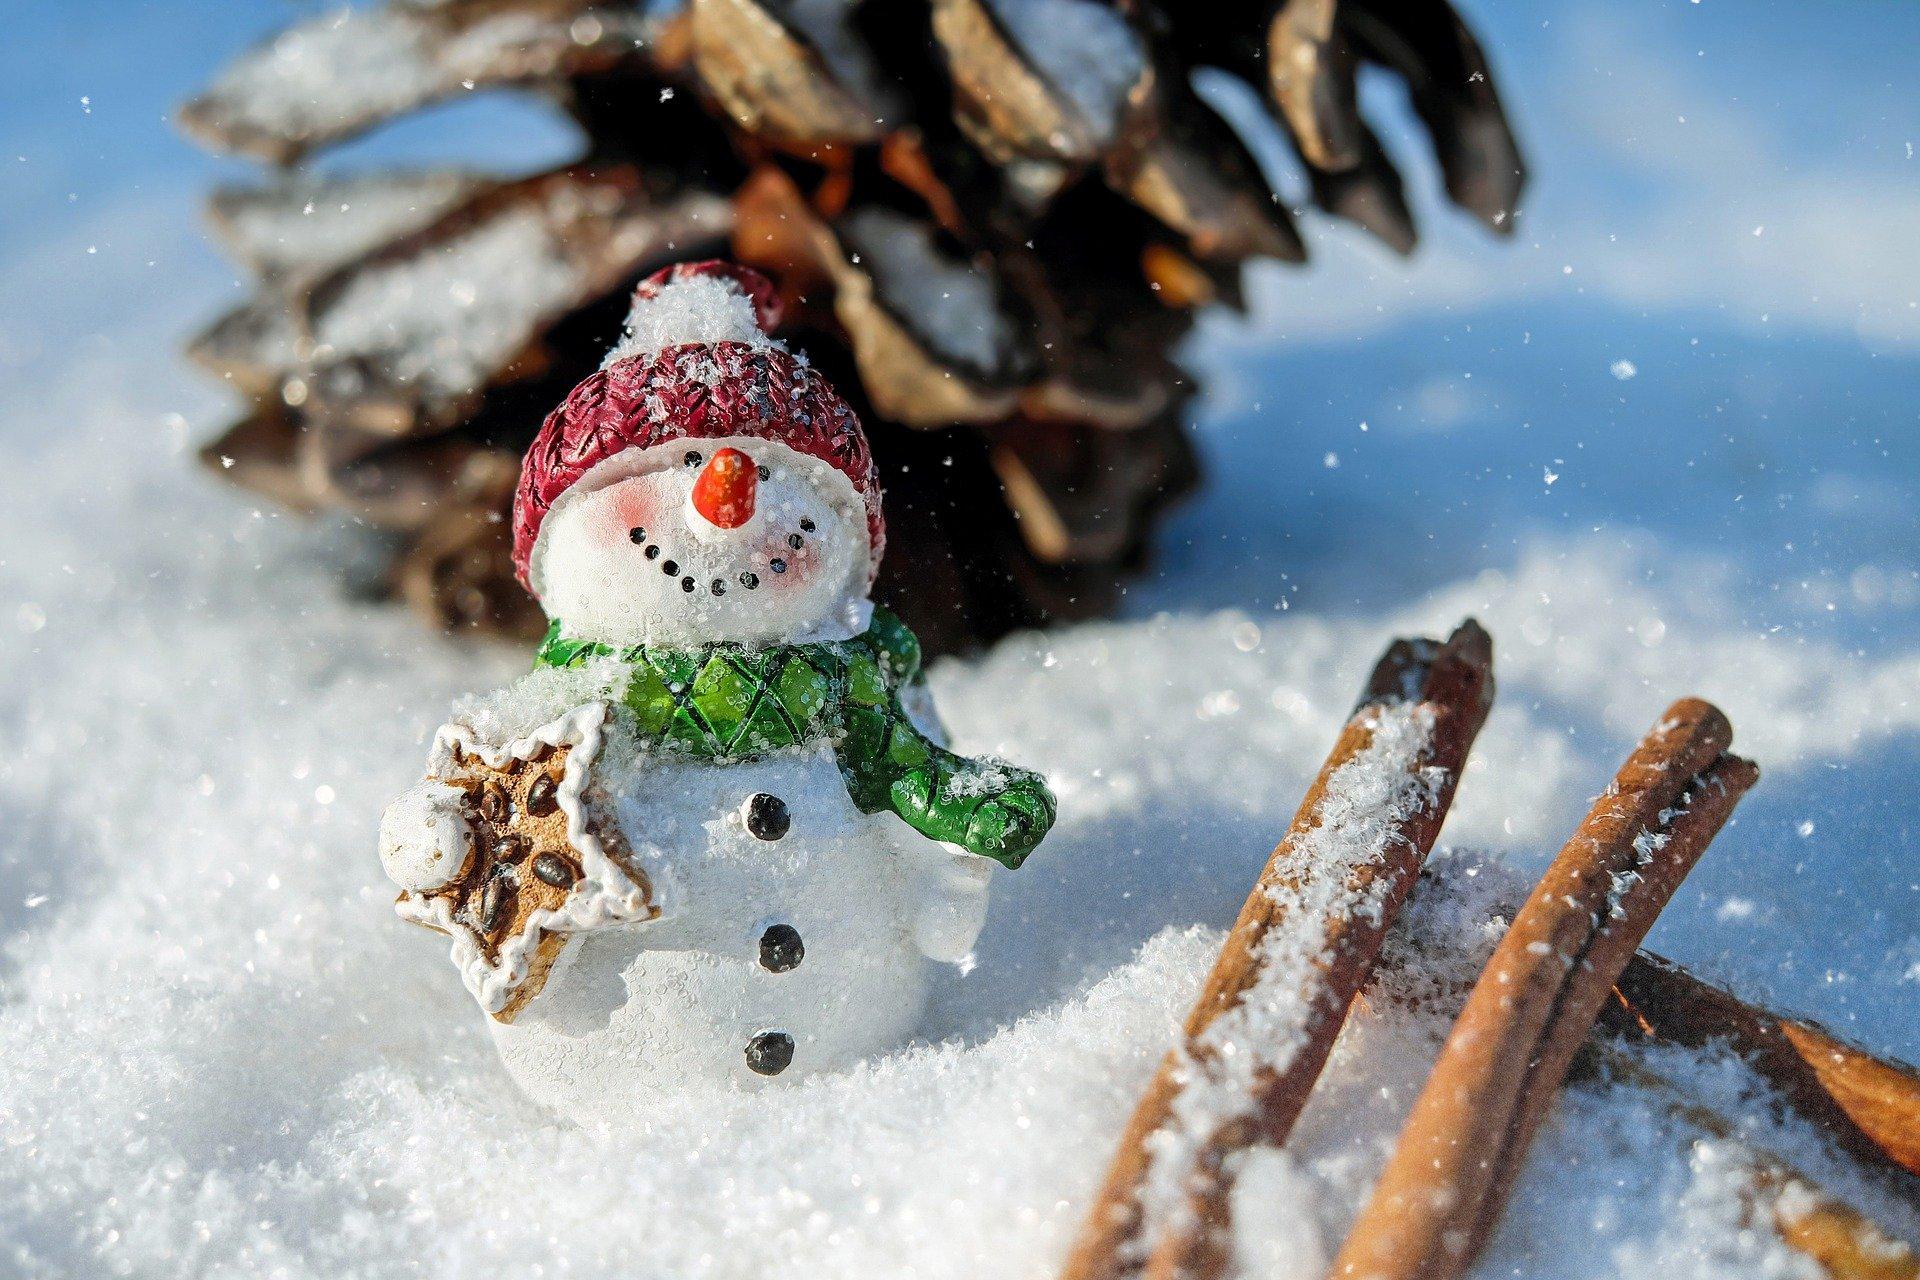 新雪より重くなるしまり雪の危険性とは?耐積雪等級について知ろう